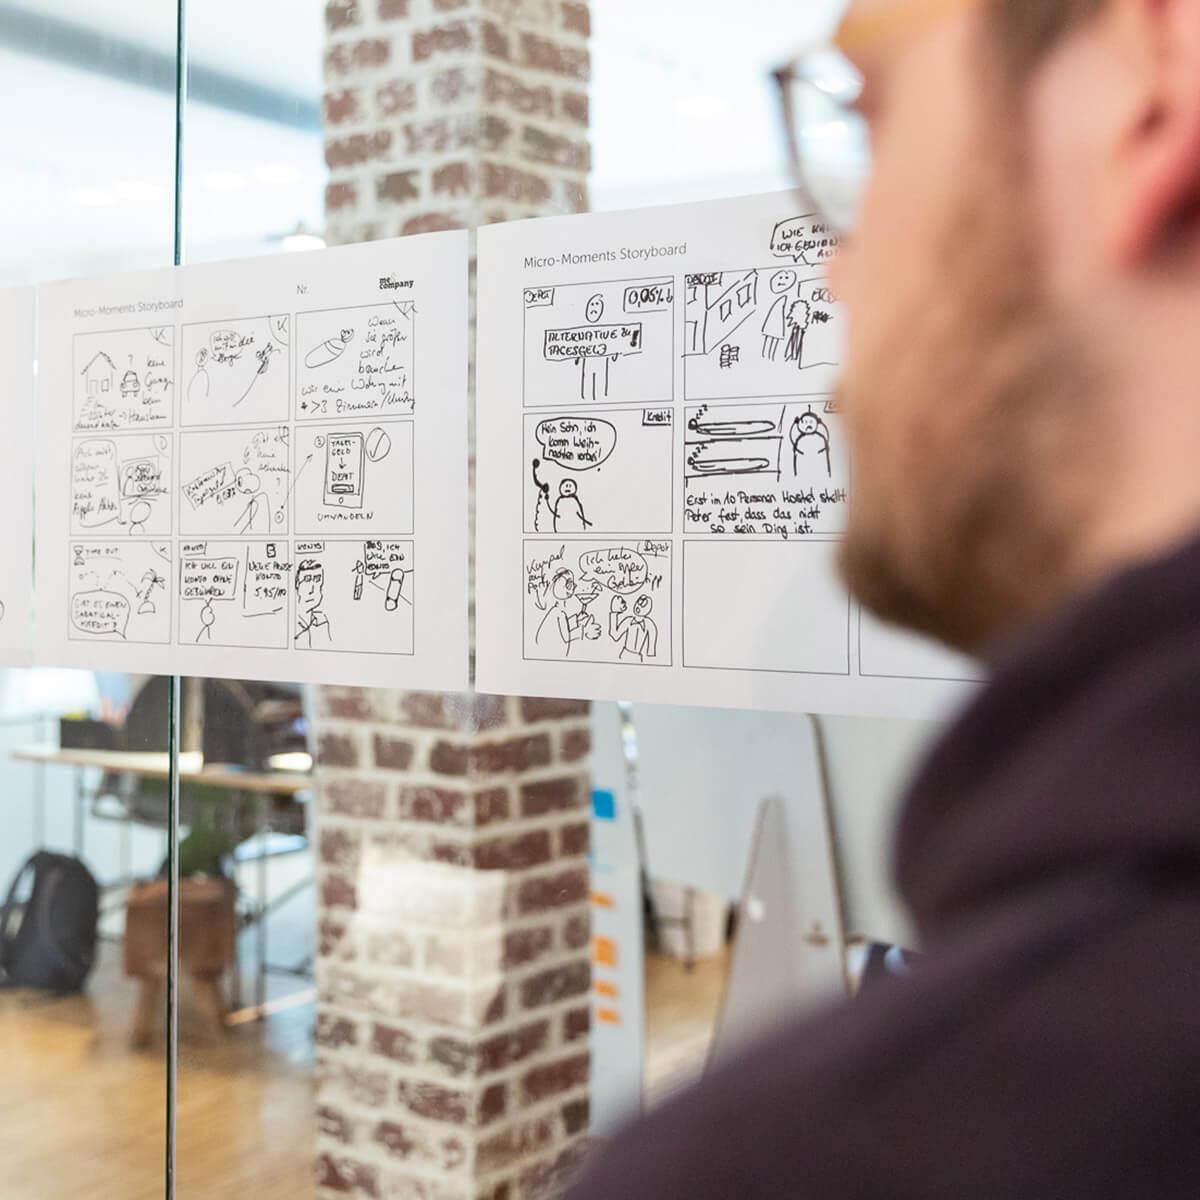 Mitarbeiter von Me & Company entwickelt ein Storyboard in seiner Rolle als Corporate Storyteller